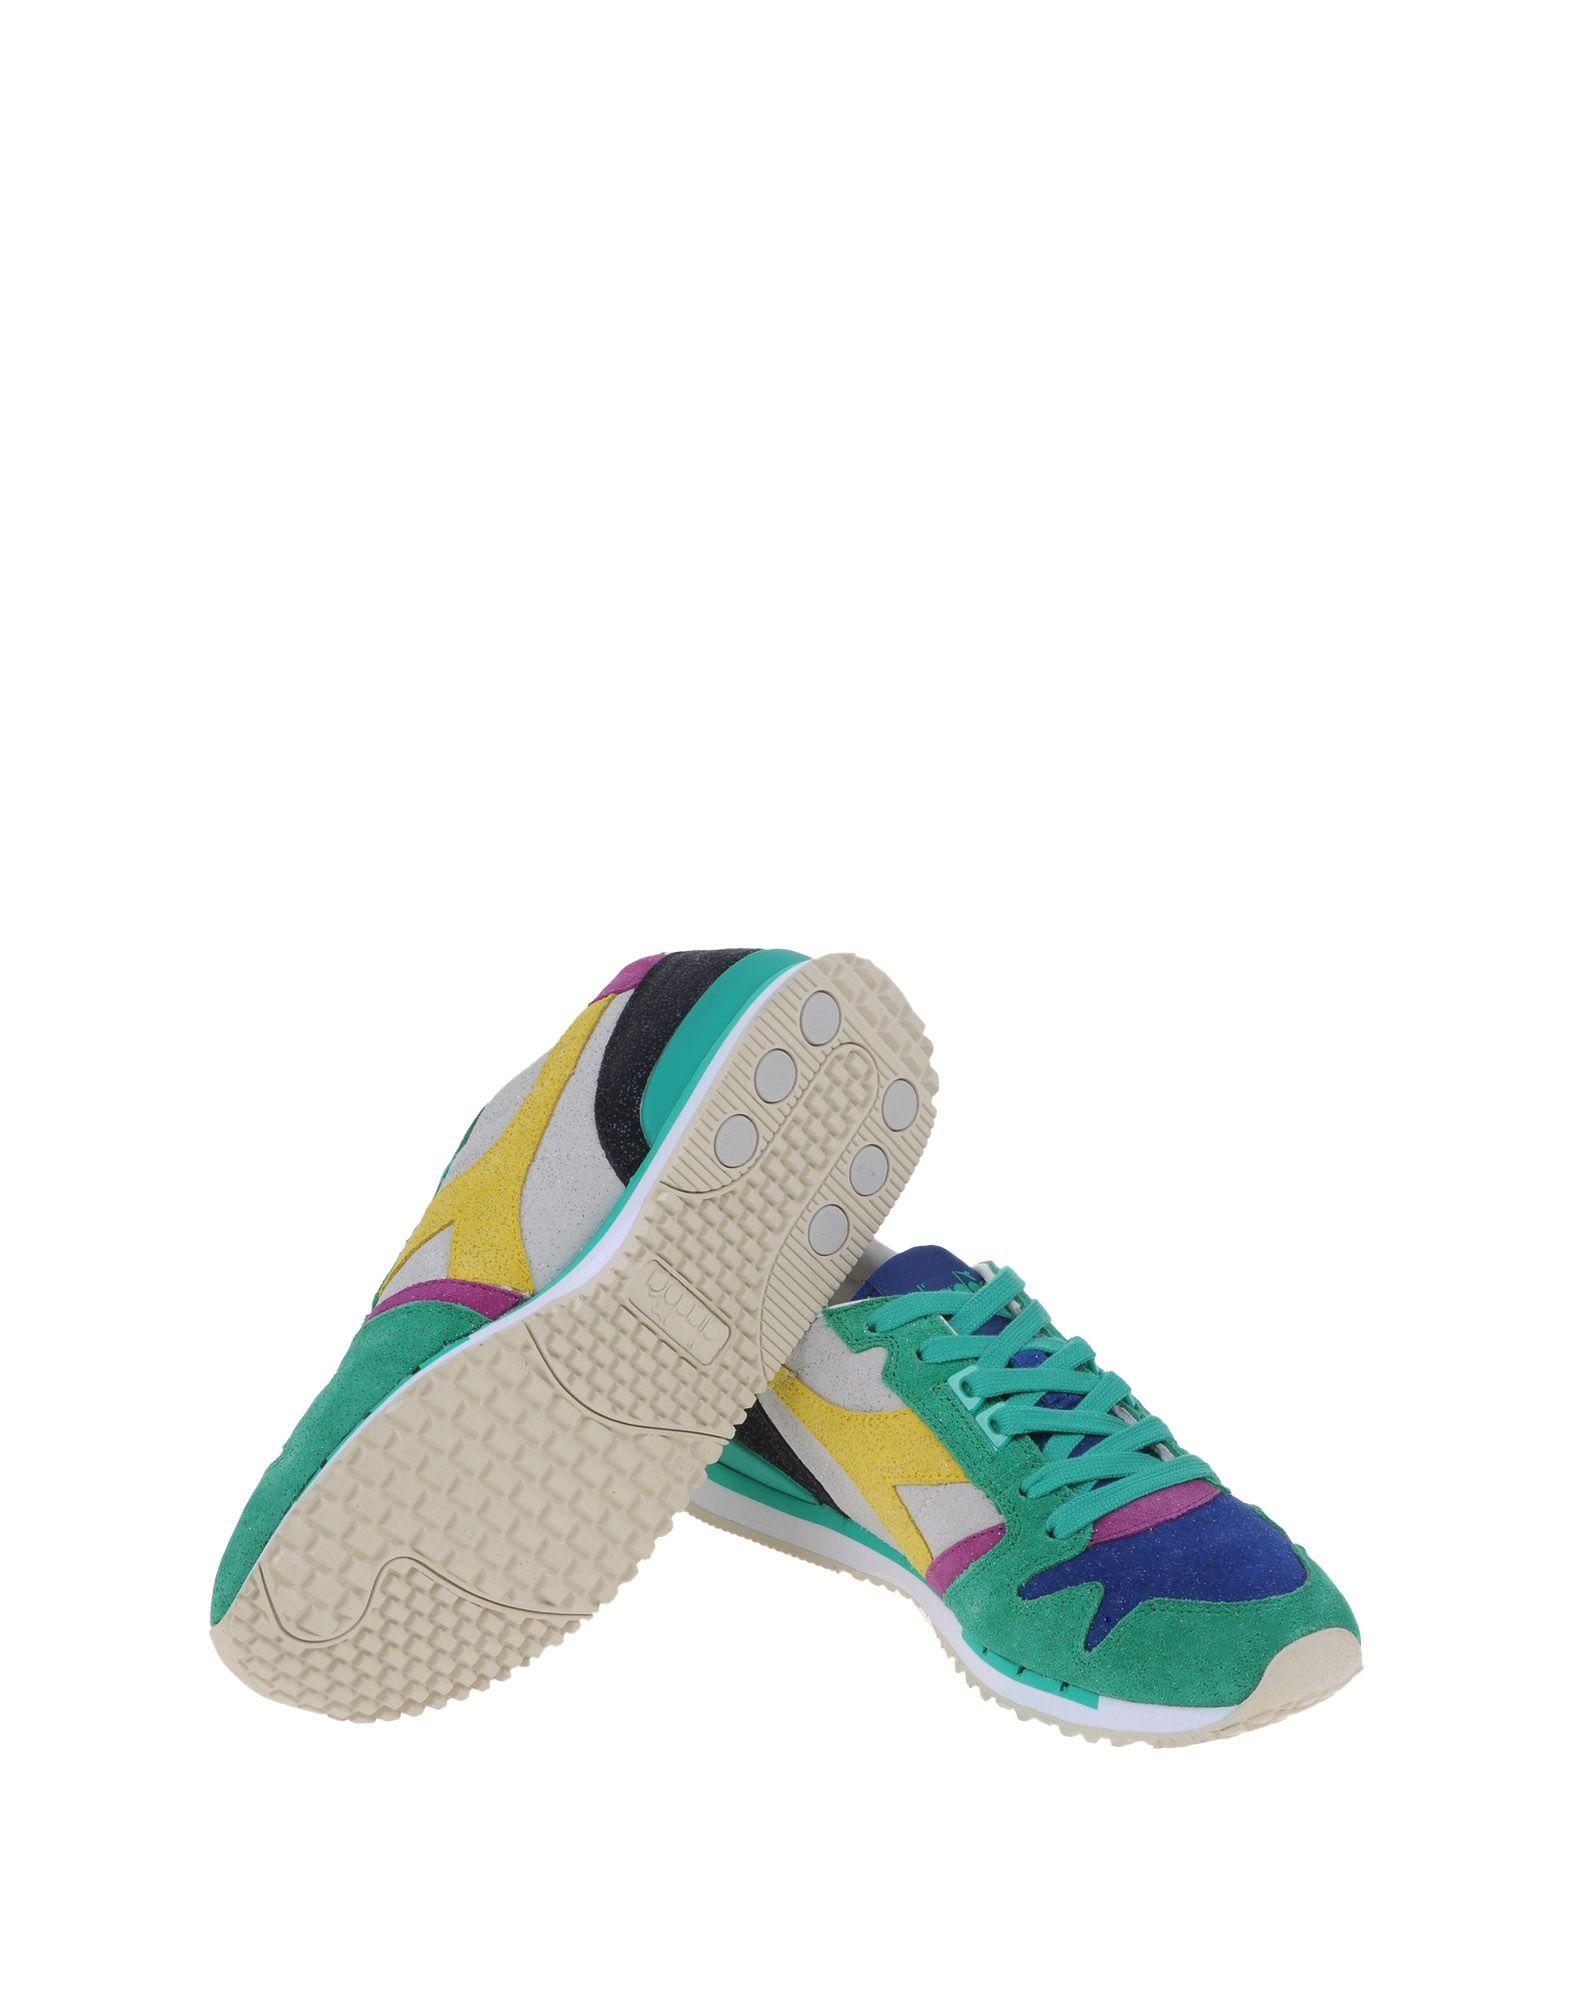 Sneakers Diadora Heritage Exodus W Multicolor Glitter - Femme - Sneakers Diadora Heritage sur